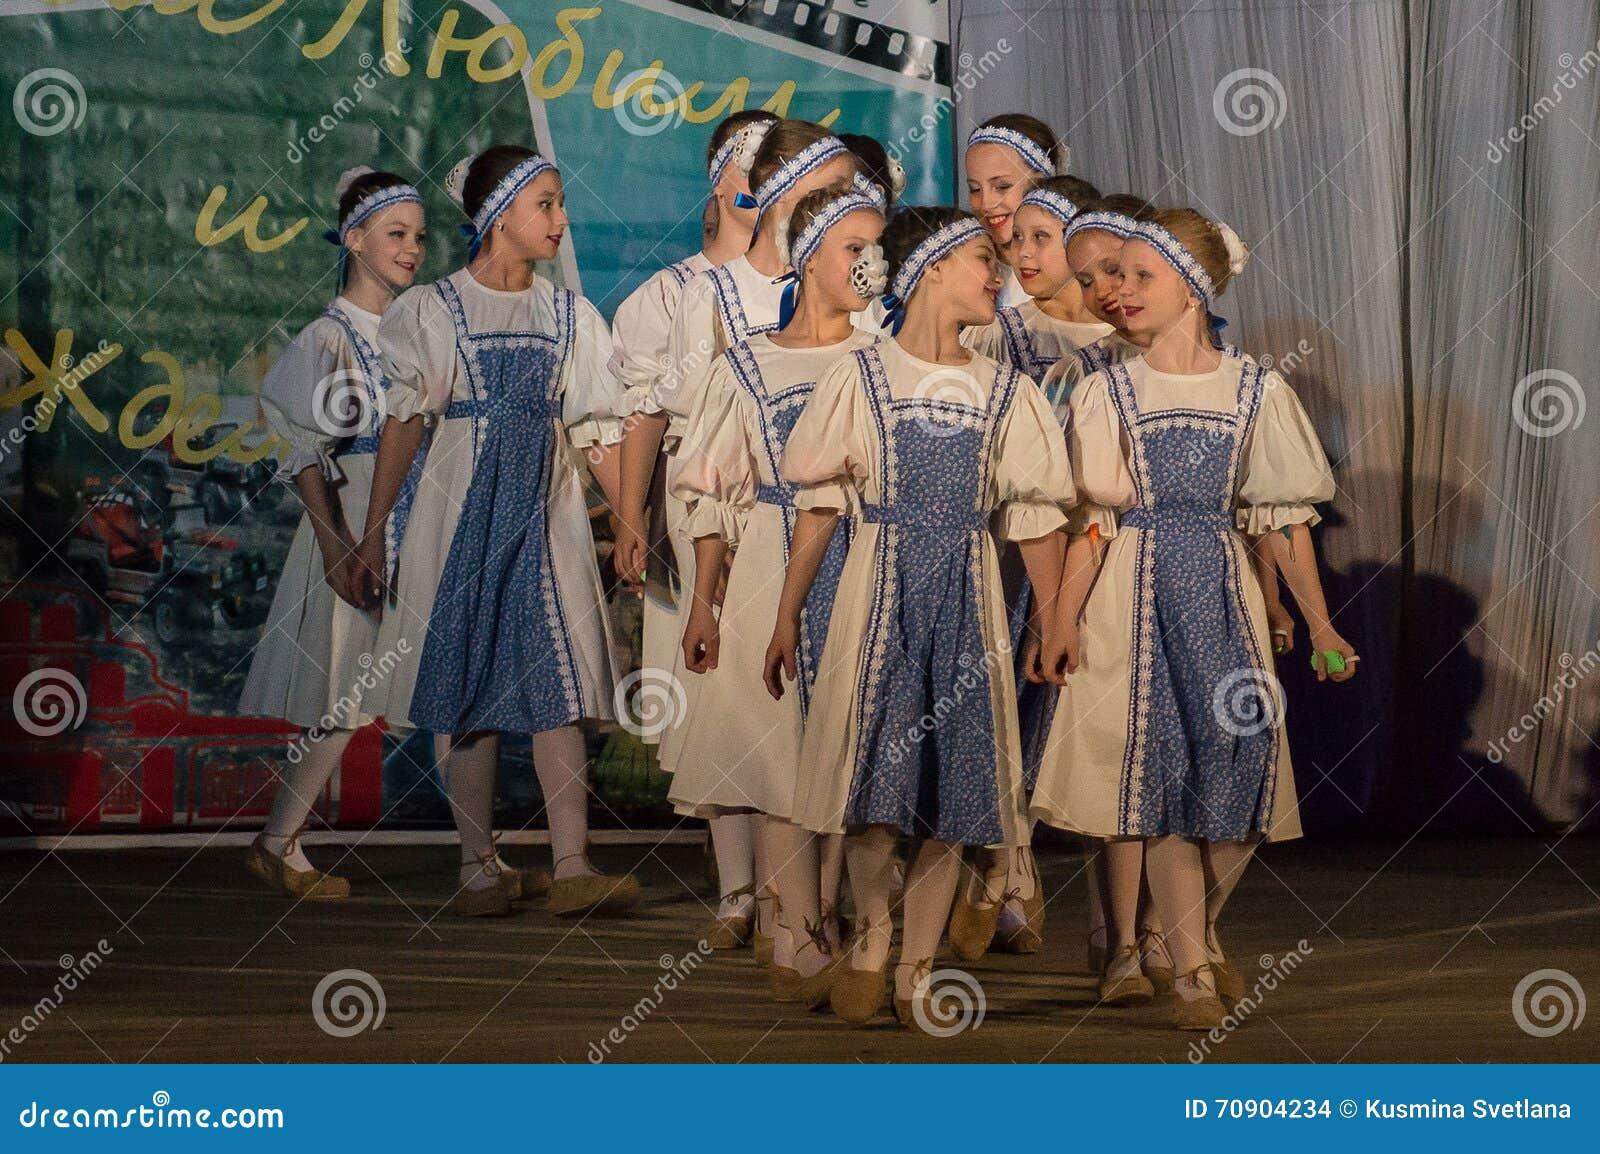 Dancing in Kaluga 27